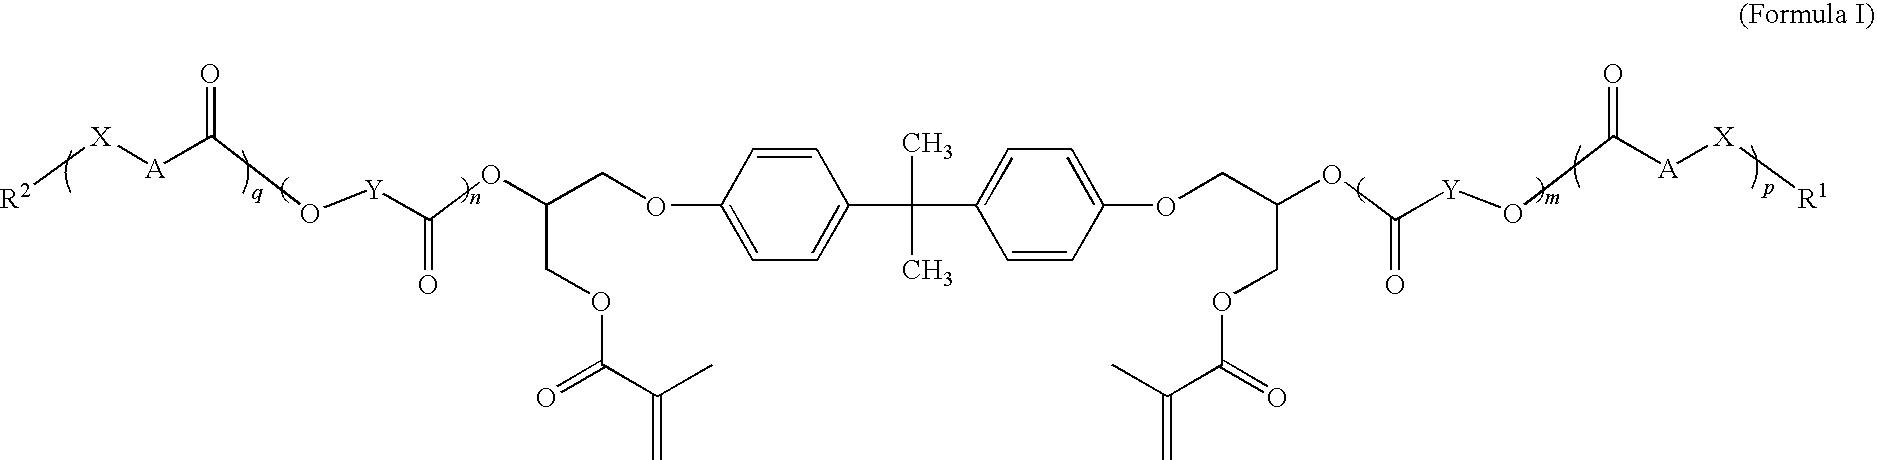 Figure US20100021869A1-20100128-C00005